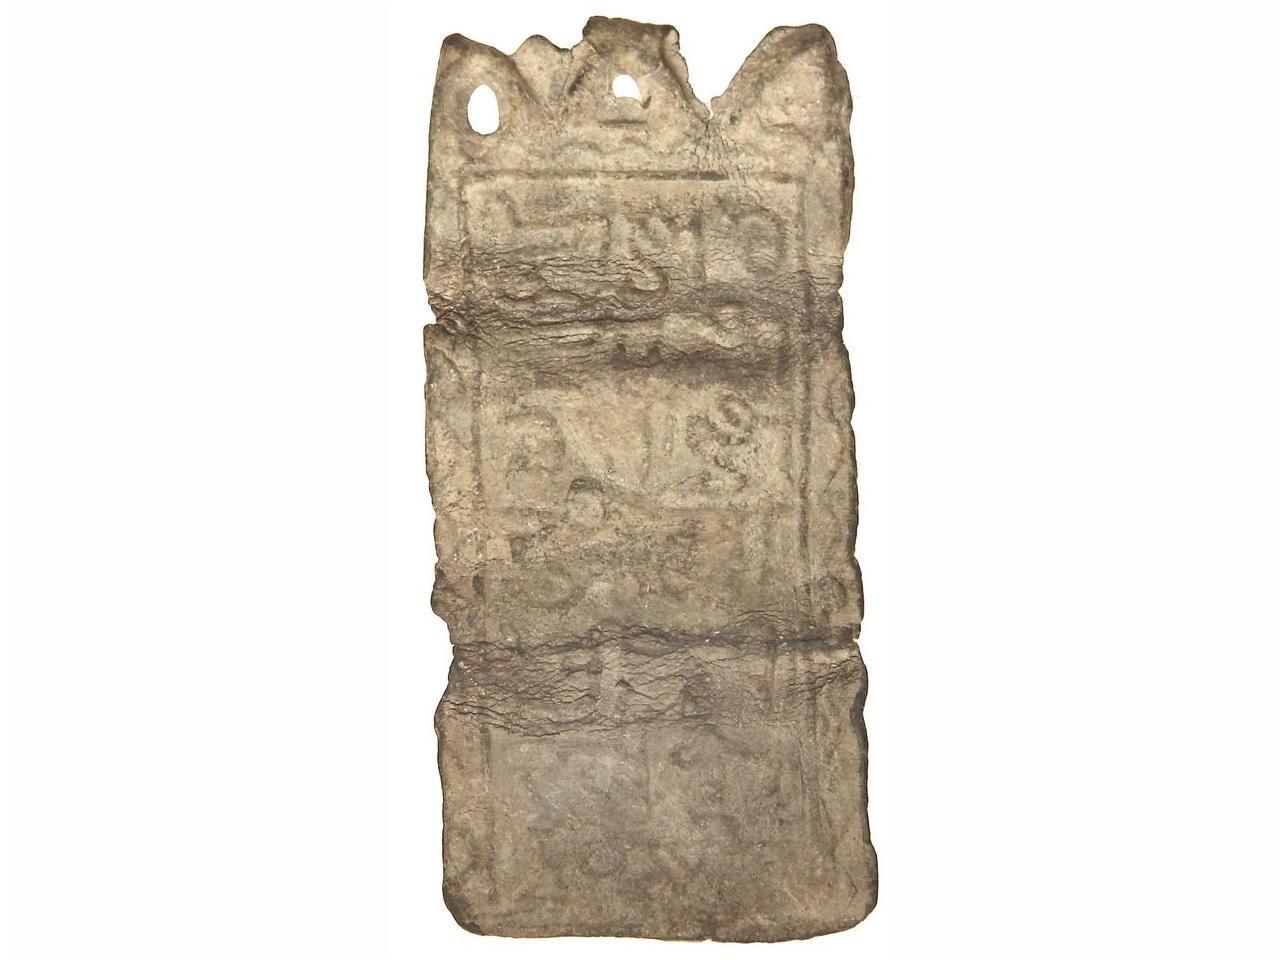 Lote: 3051 MONEDAS HISPANOÁRABES. Plomo. ¿CALIFATO?. 10,17 grs. Amuleto de plomo en forma de plaqueta rectangular (47x22 mm.) con señal de haber estado doblada en tres partes para contener en su interior un pergamino con plegarias. Epigrafía cúfica en ambas caras, que por el estilo, puede fechar la pieza probablemente a la época califal. Conserva los aros de sujeción. MUY INTERESANTE. MBC. SOLERYLLACH.COM